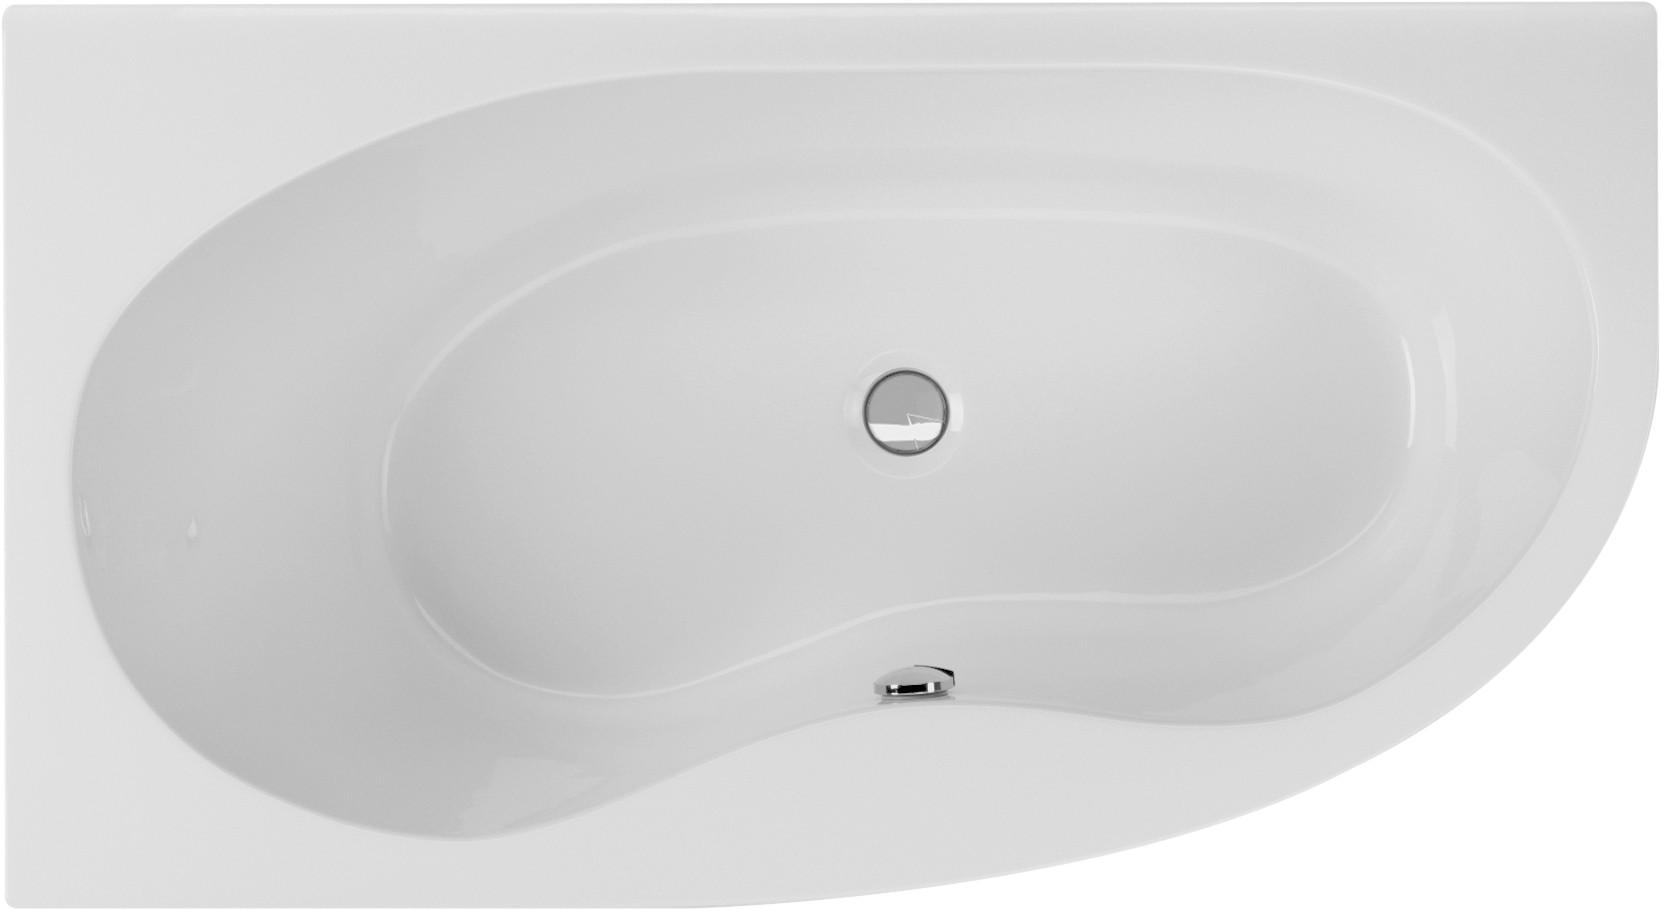 Raumsparwanne 165 x 90 cm asymmetrische eckbadewanne for Asymmetrische badewanne 170